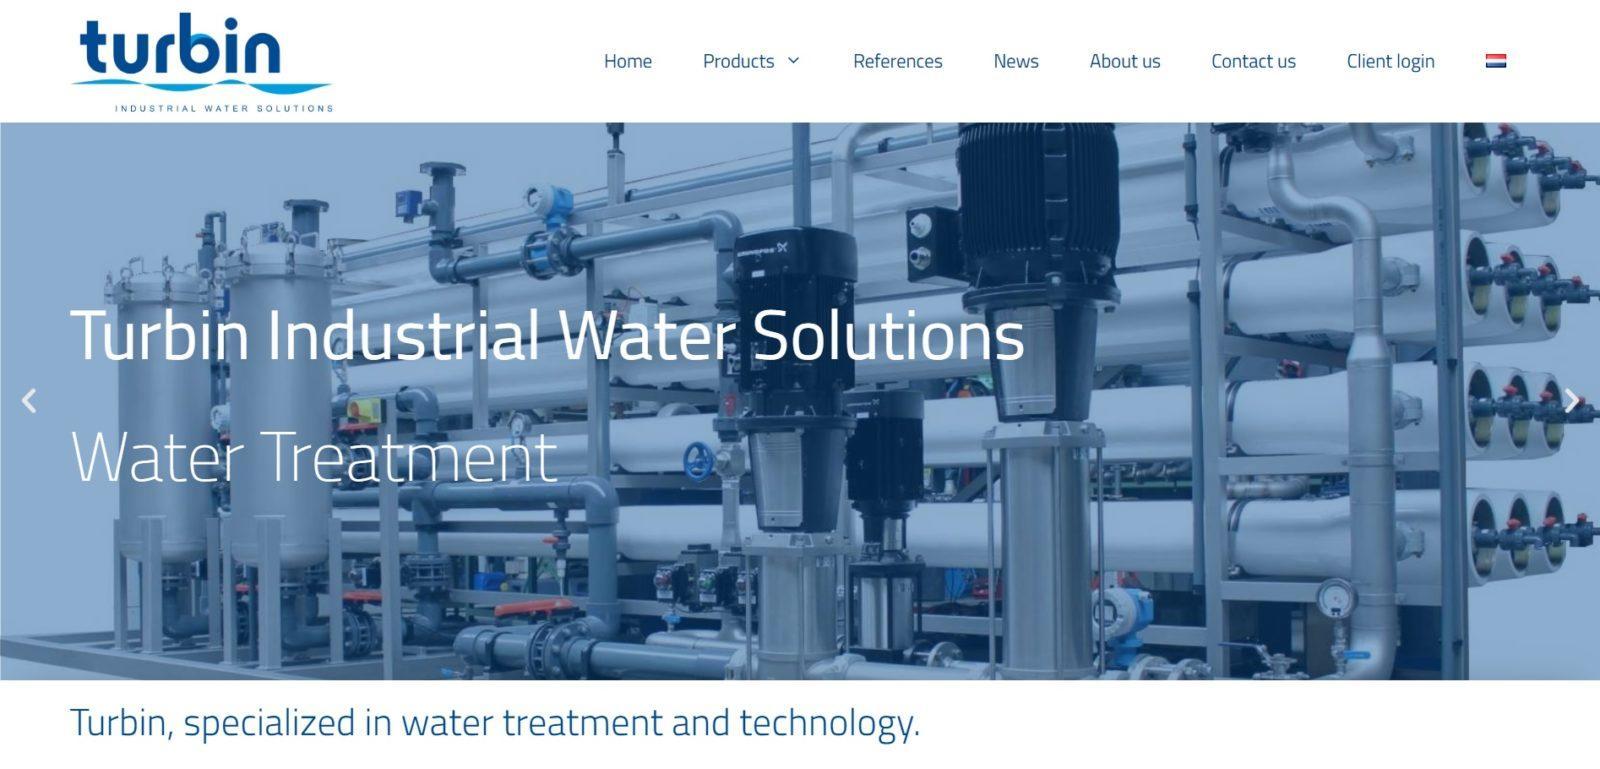 turbin water group